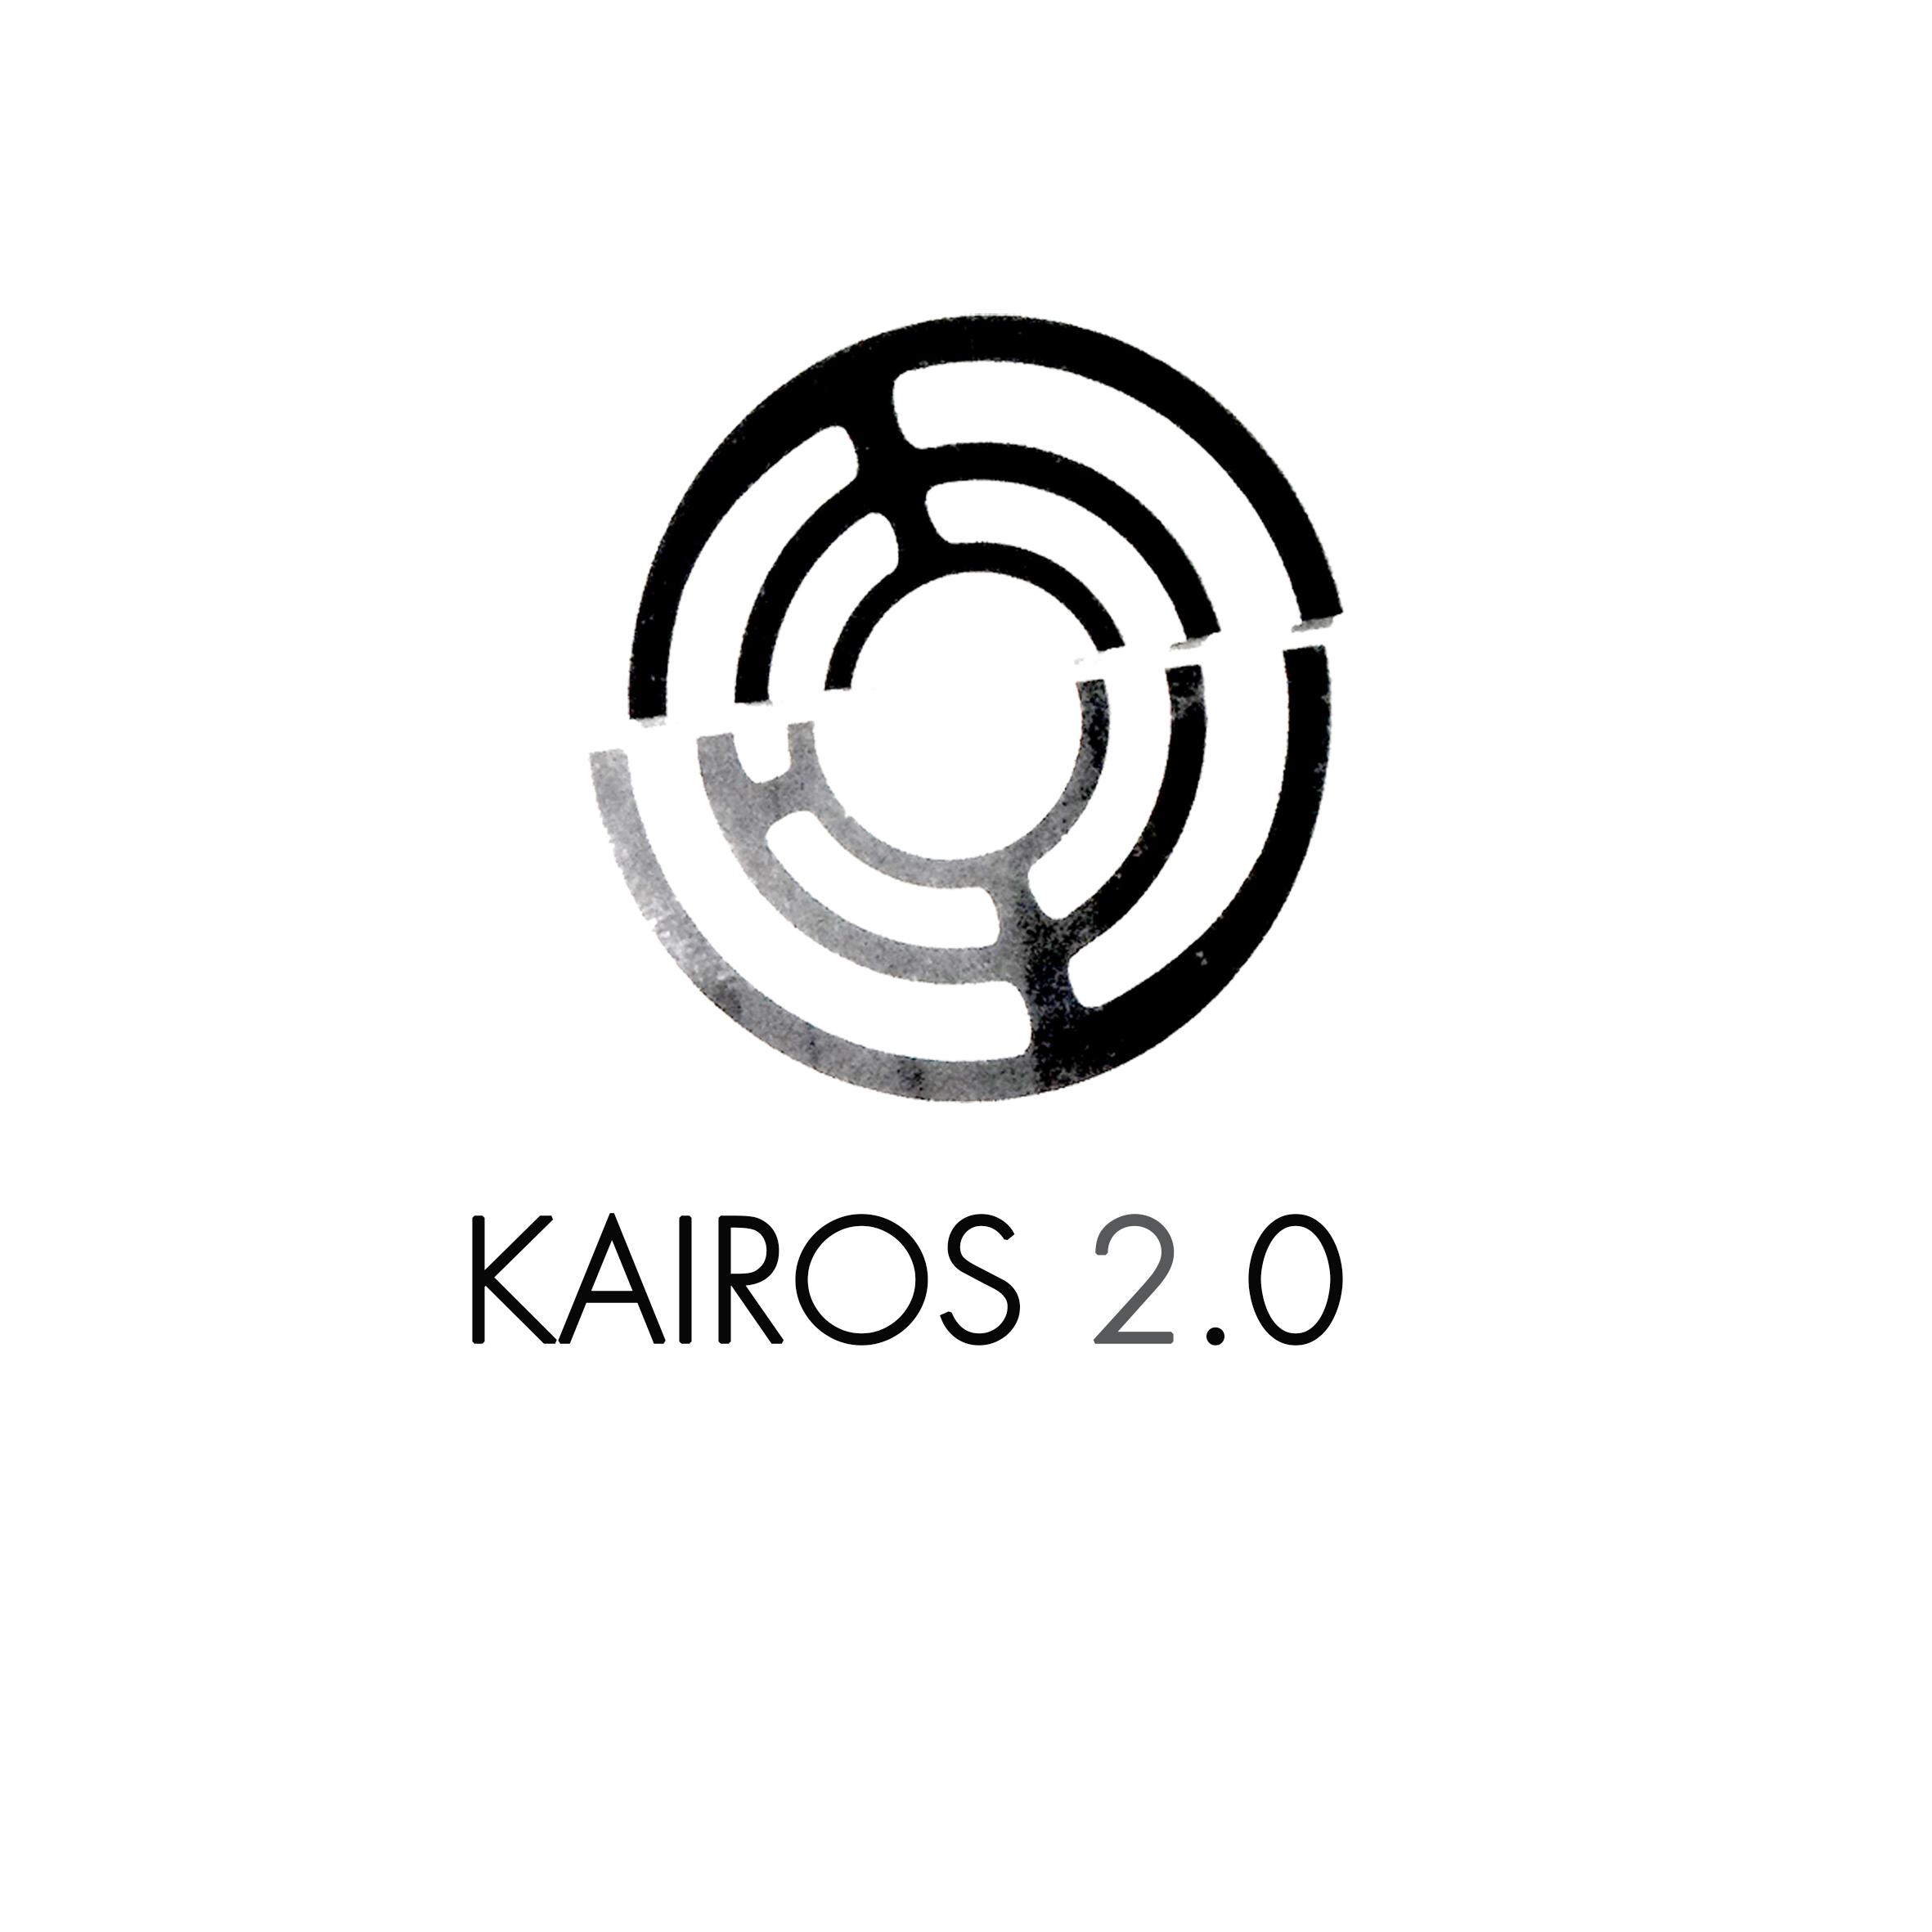 KAIROS 2